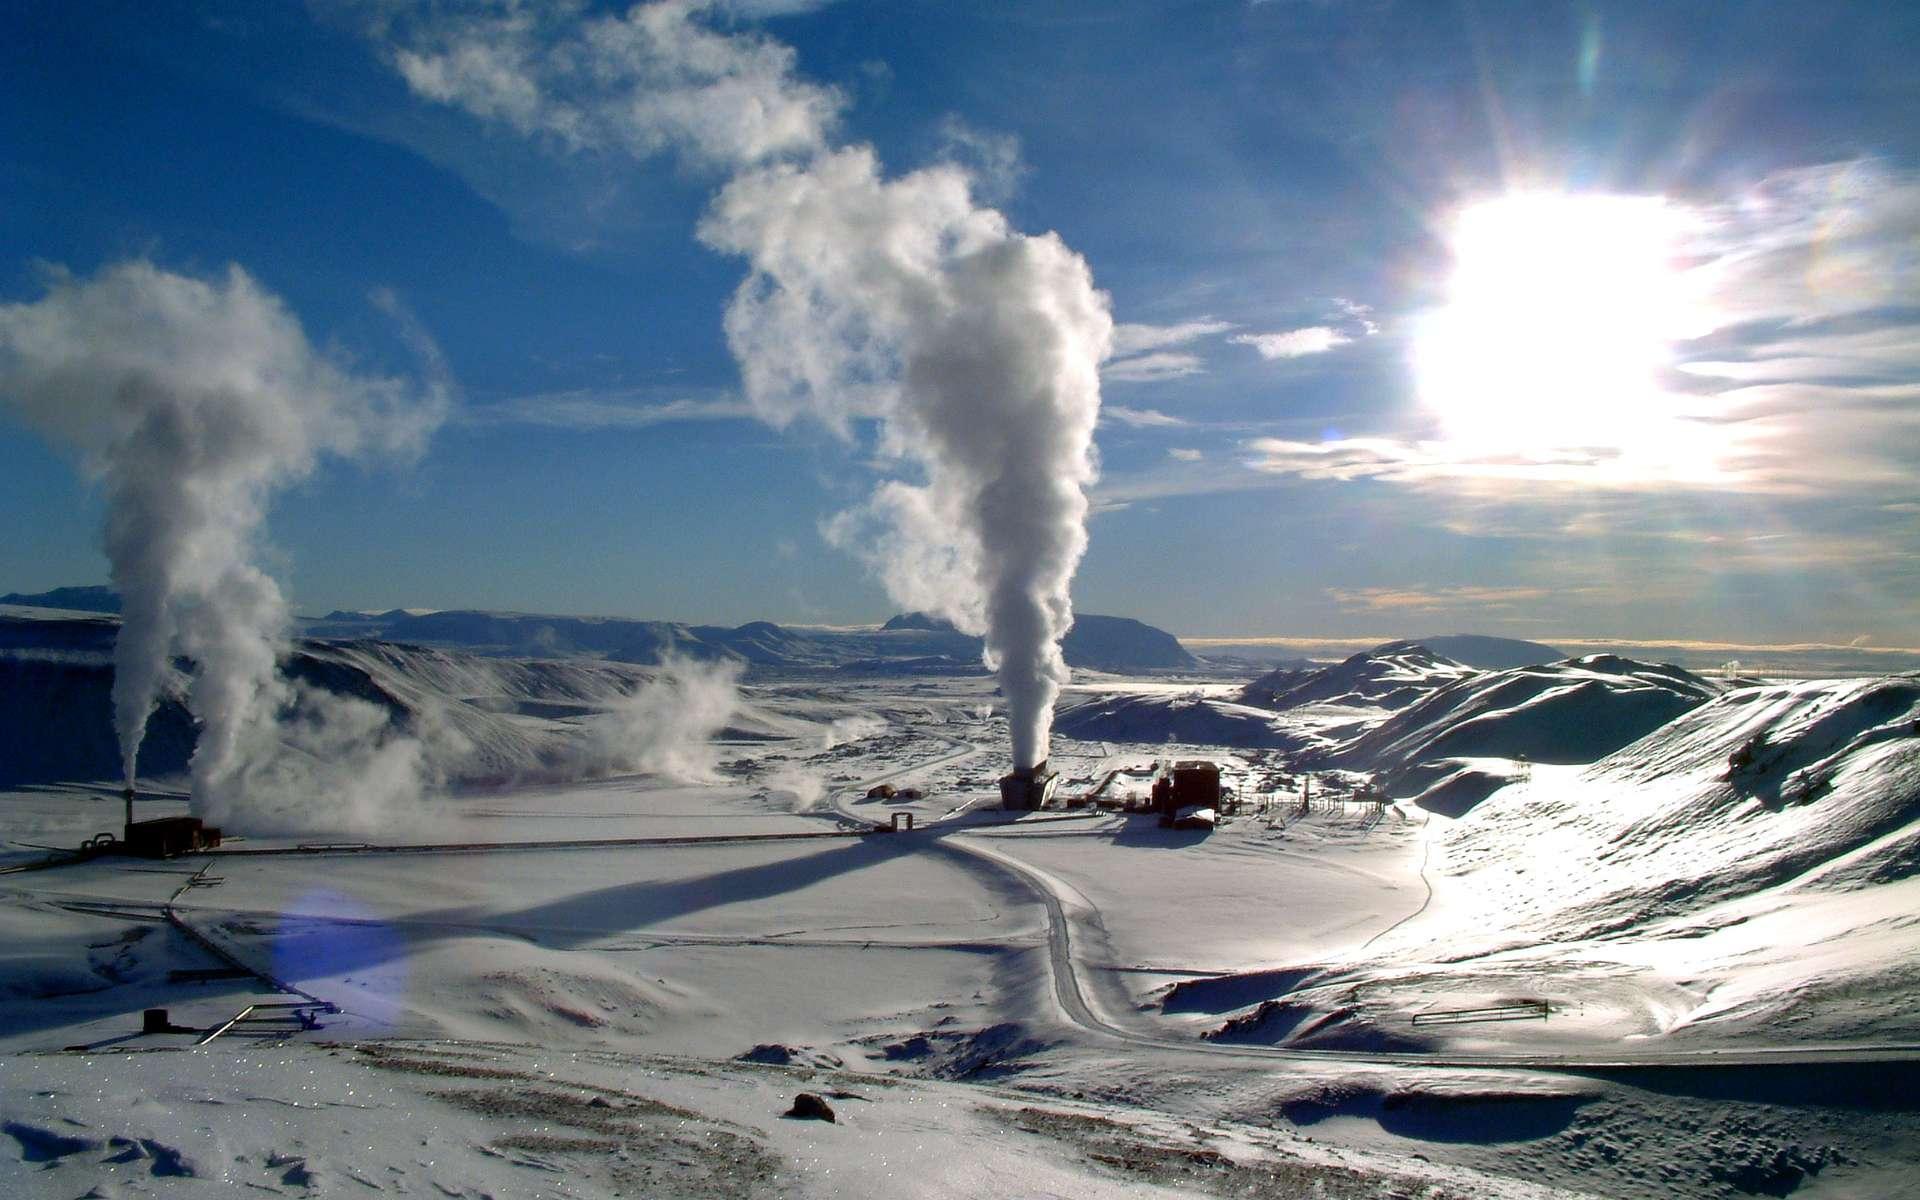 Le champ géothermique de Krafla en hiver. © Ásgeir Eggertsson/wikipédia